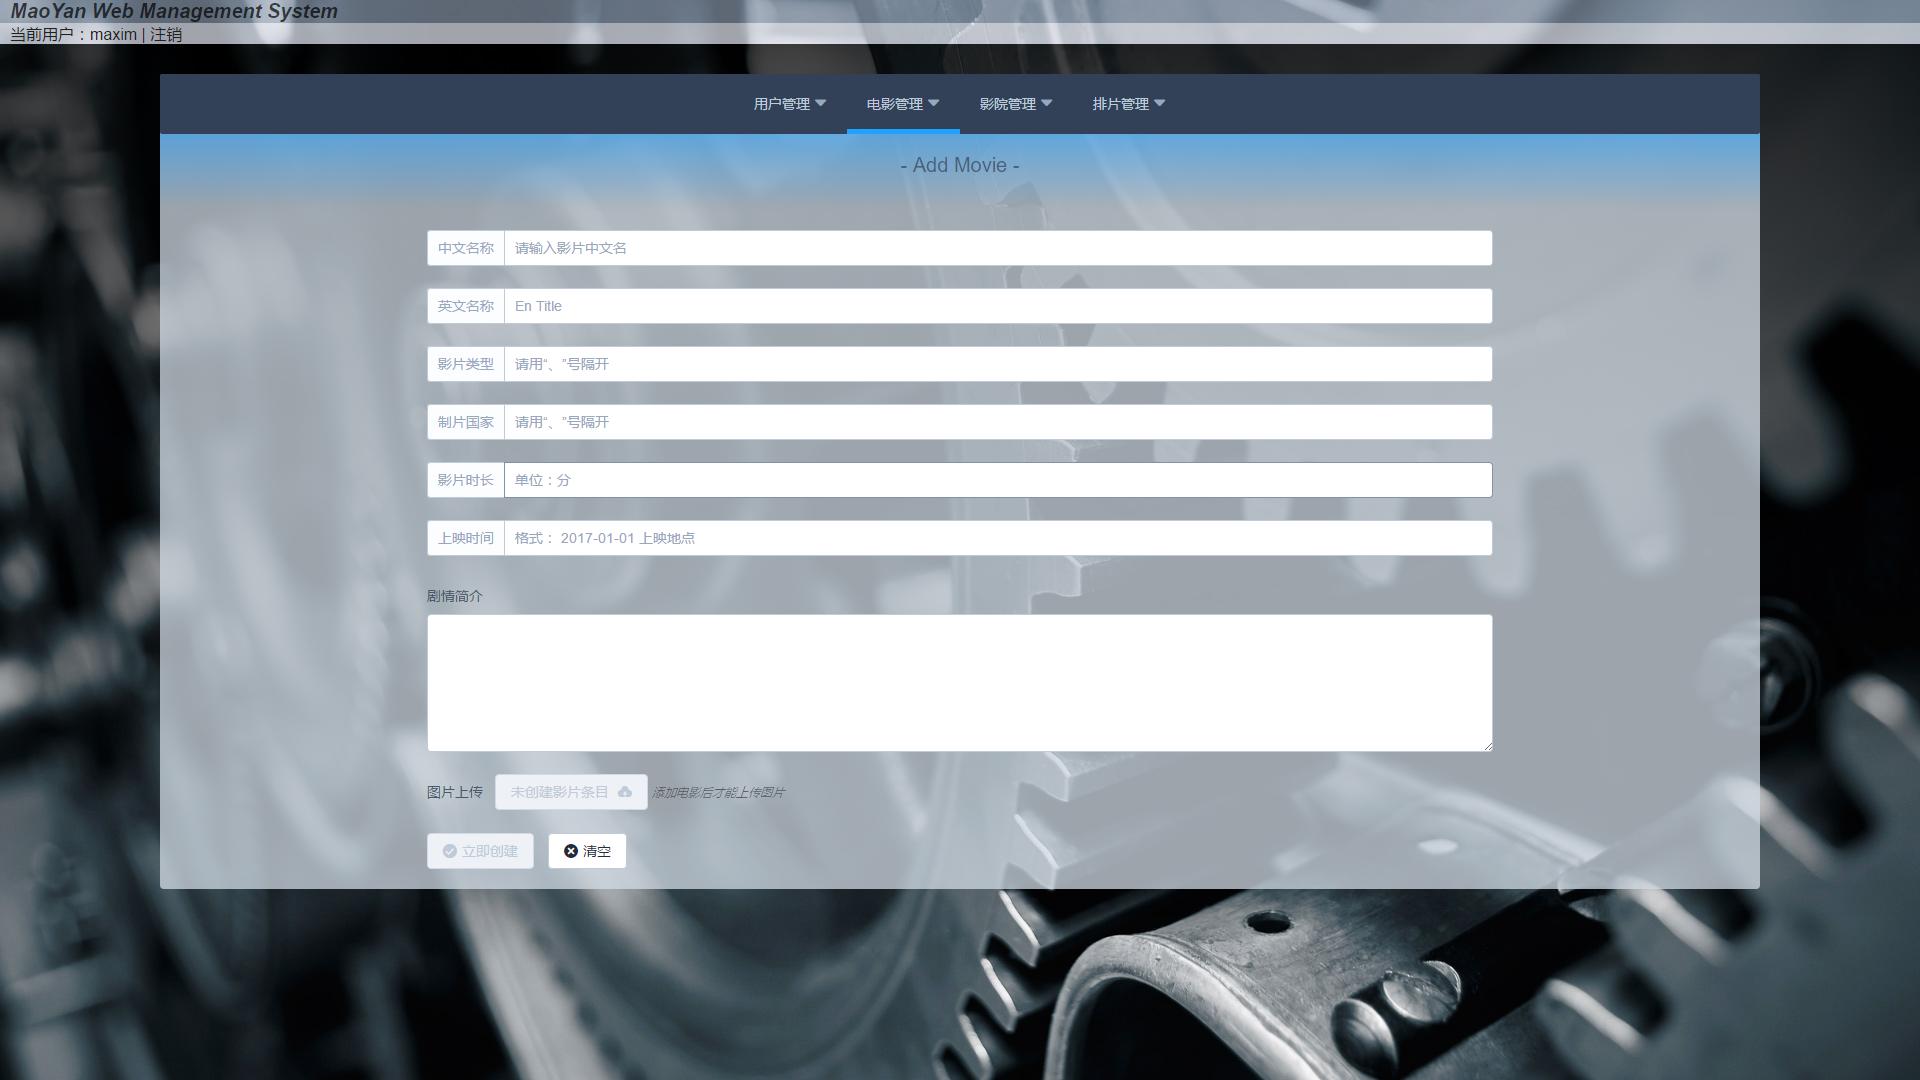 电影网站后台数据管理和移动端购票--成都朗沃教育